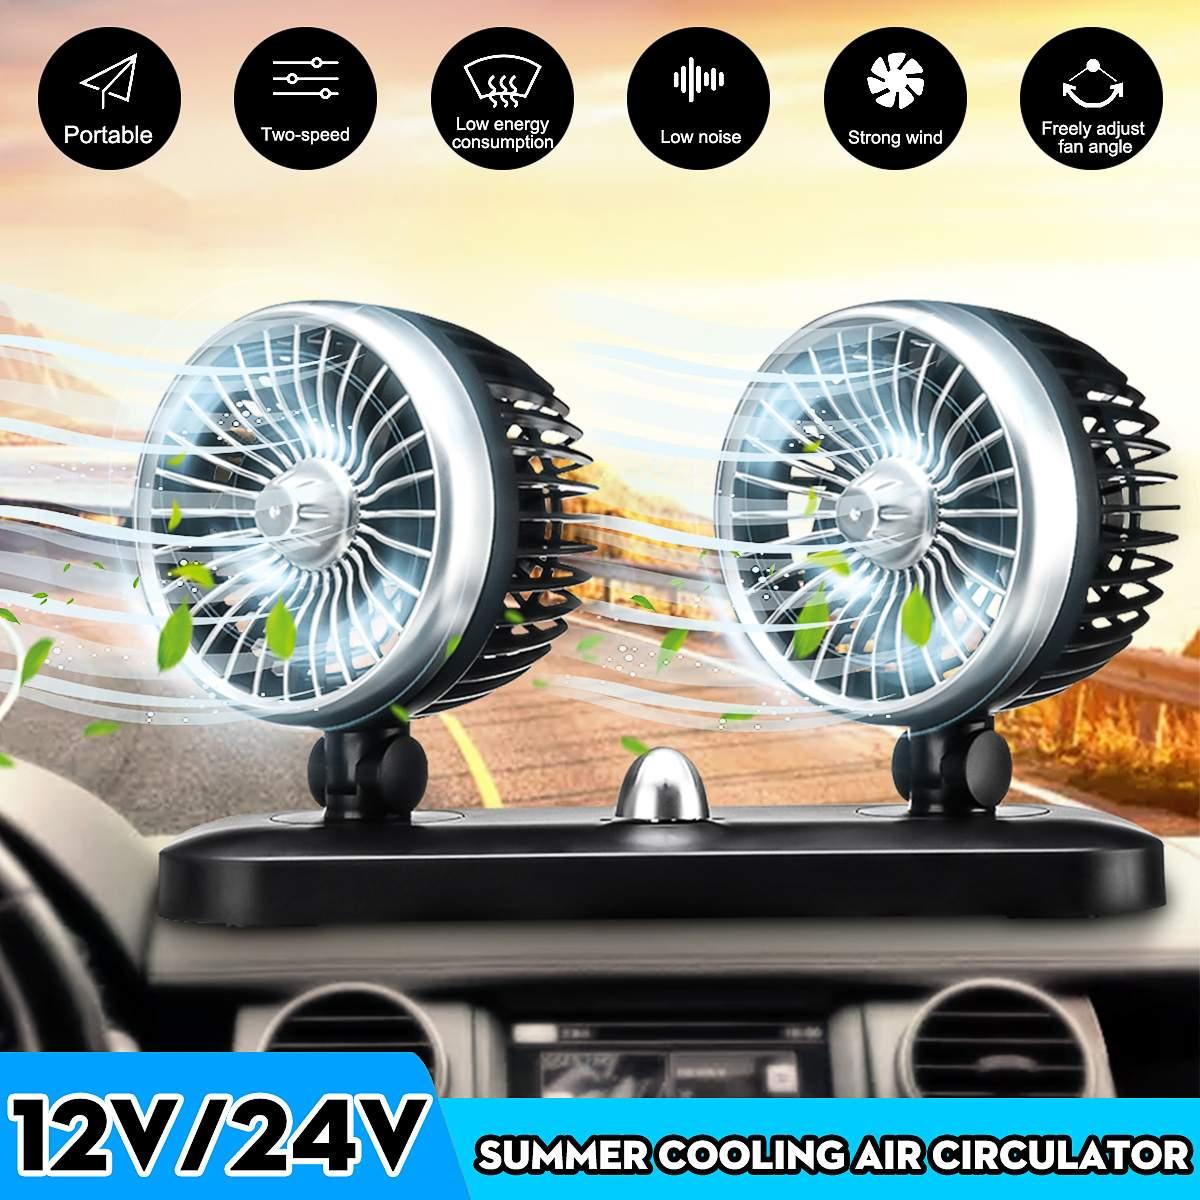 Ventosa elétrica portátil dupla cabeça, ventilador de ar automático ajustável, ventilador de carro, forte 12/24v refrigerador do veículo do vento